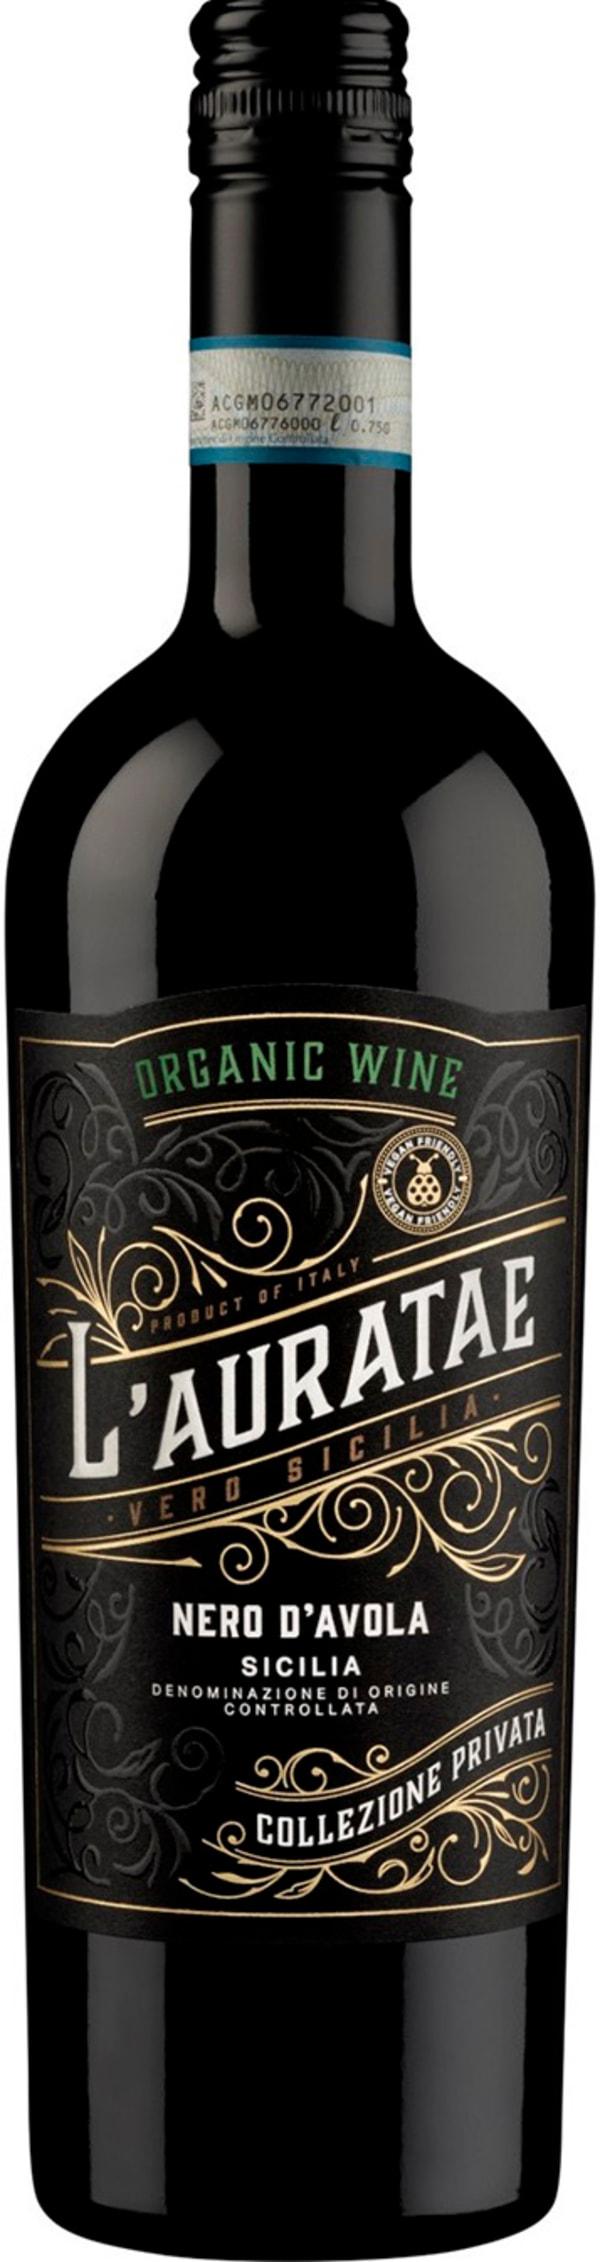 L'Auratae Nero d'Avola 2017